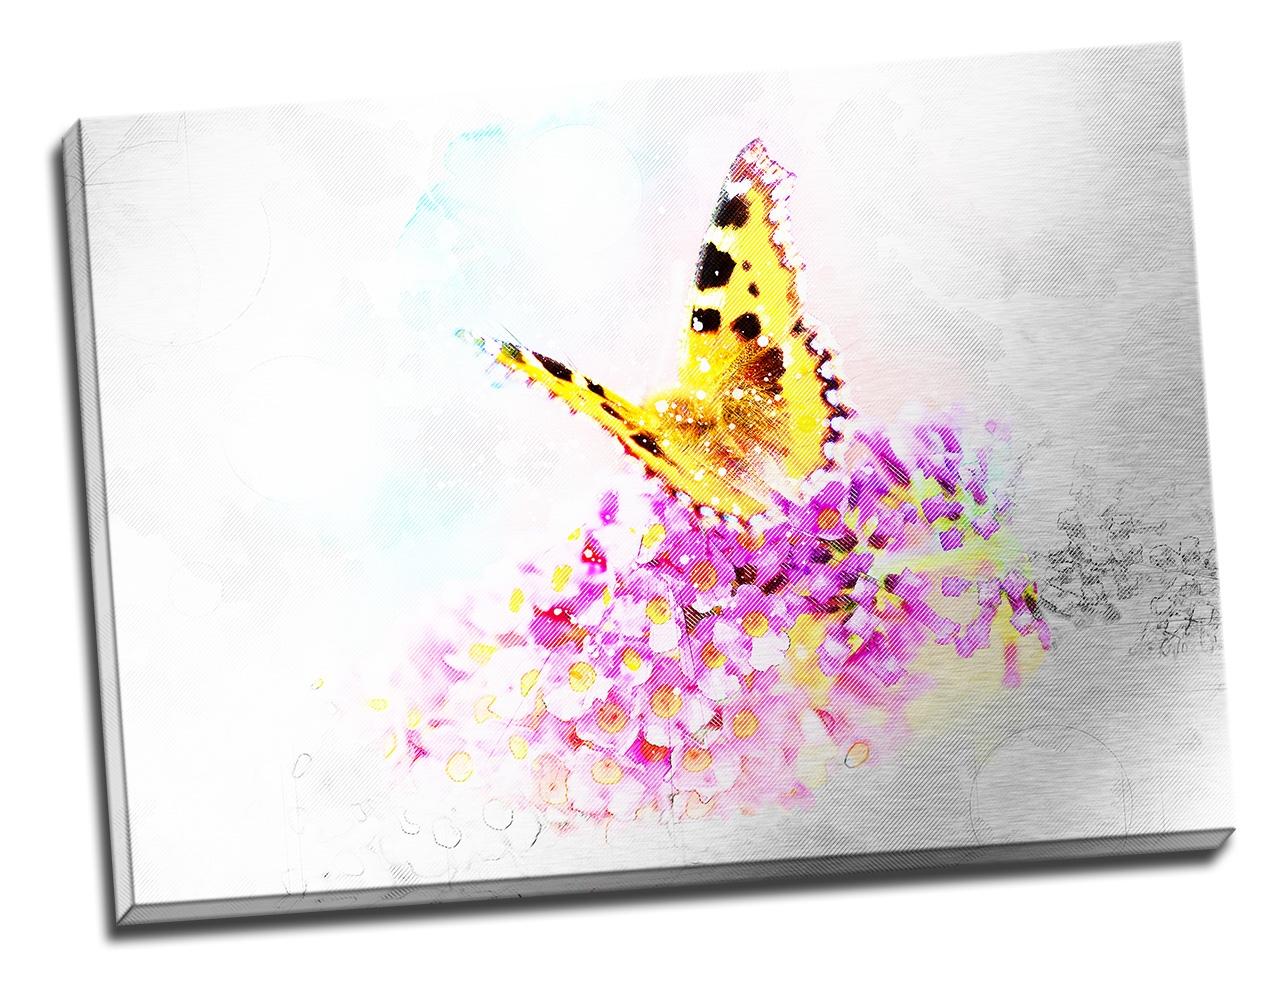 Tablou din aluminiu striat Butterfly of Joy